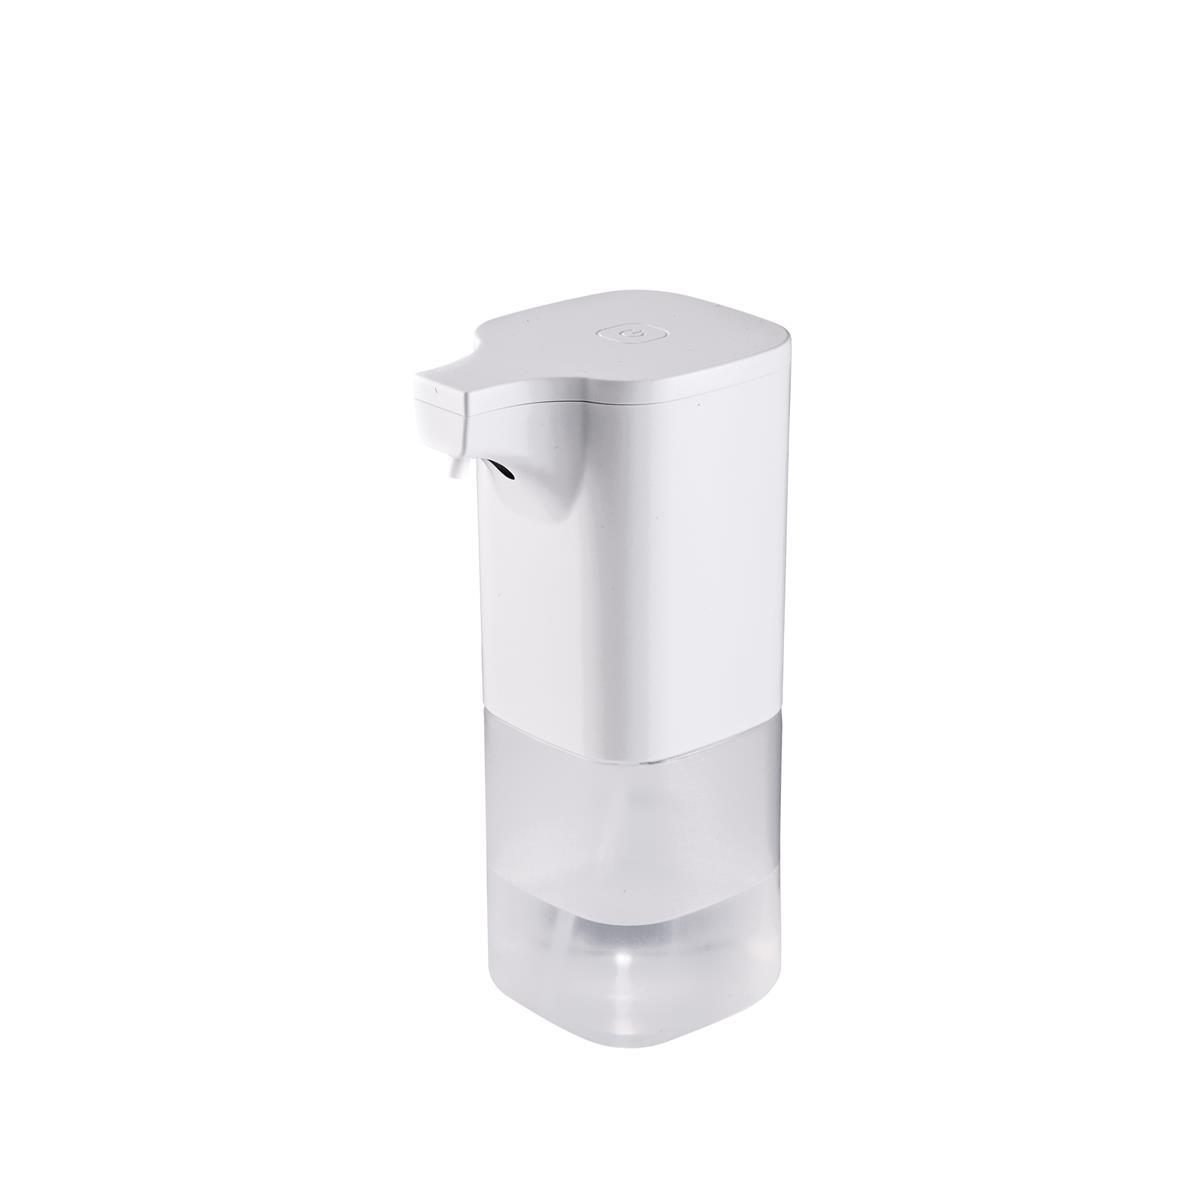 K&M 80385 Sensor sanitizer dispenser , white